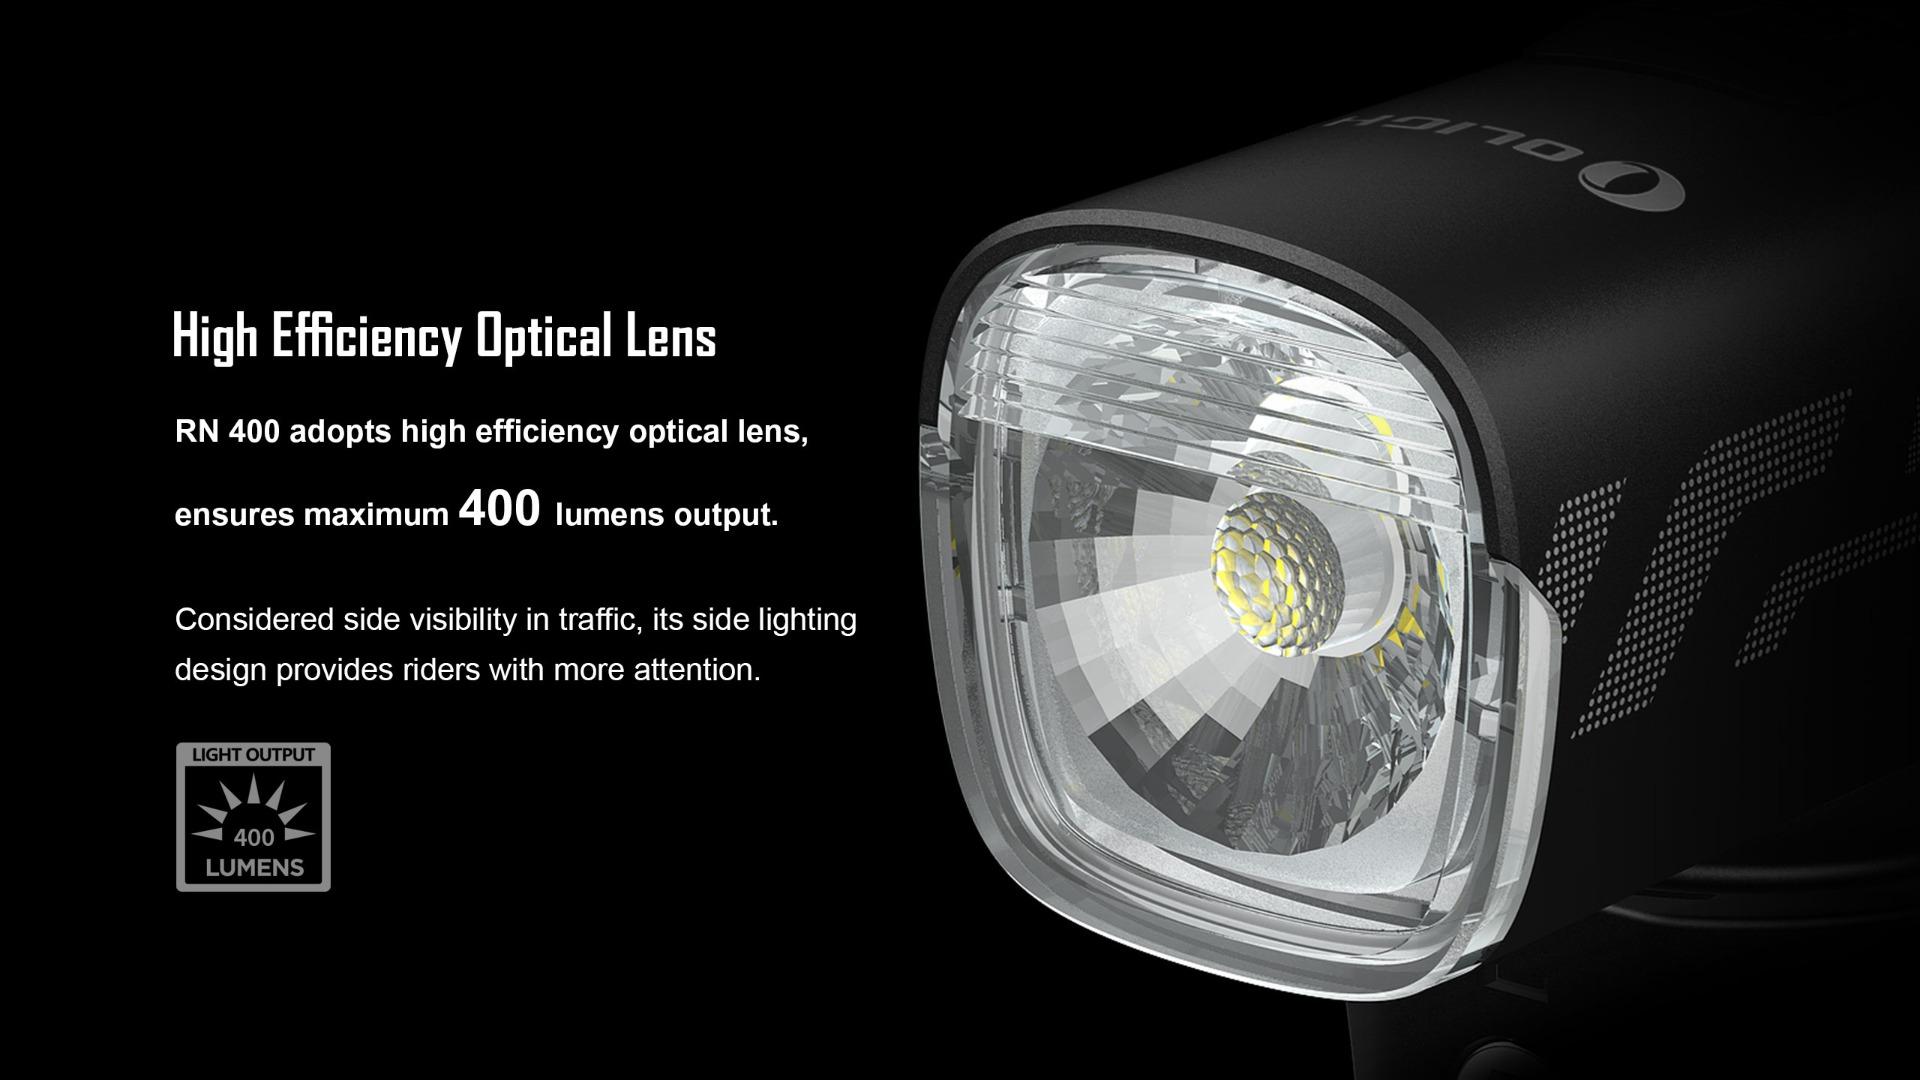 RN 400 bike LED headlight